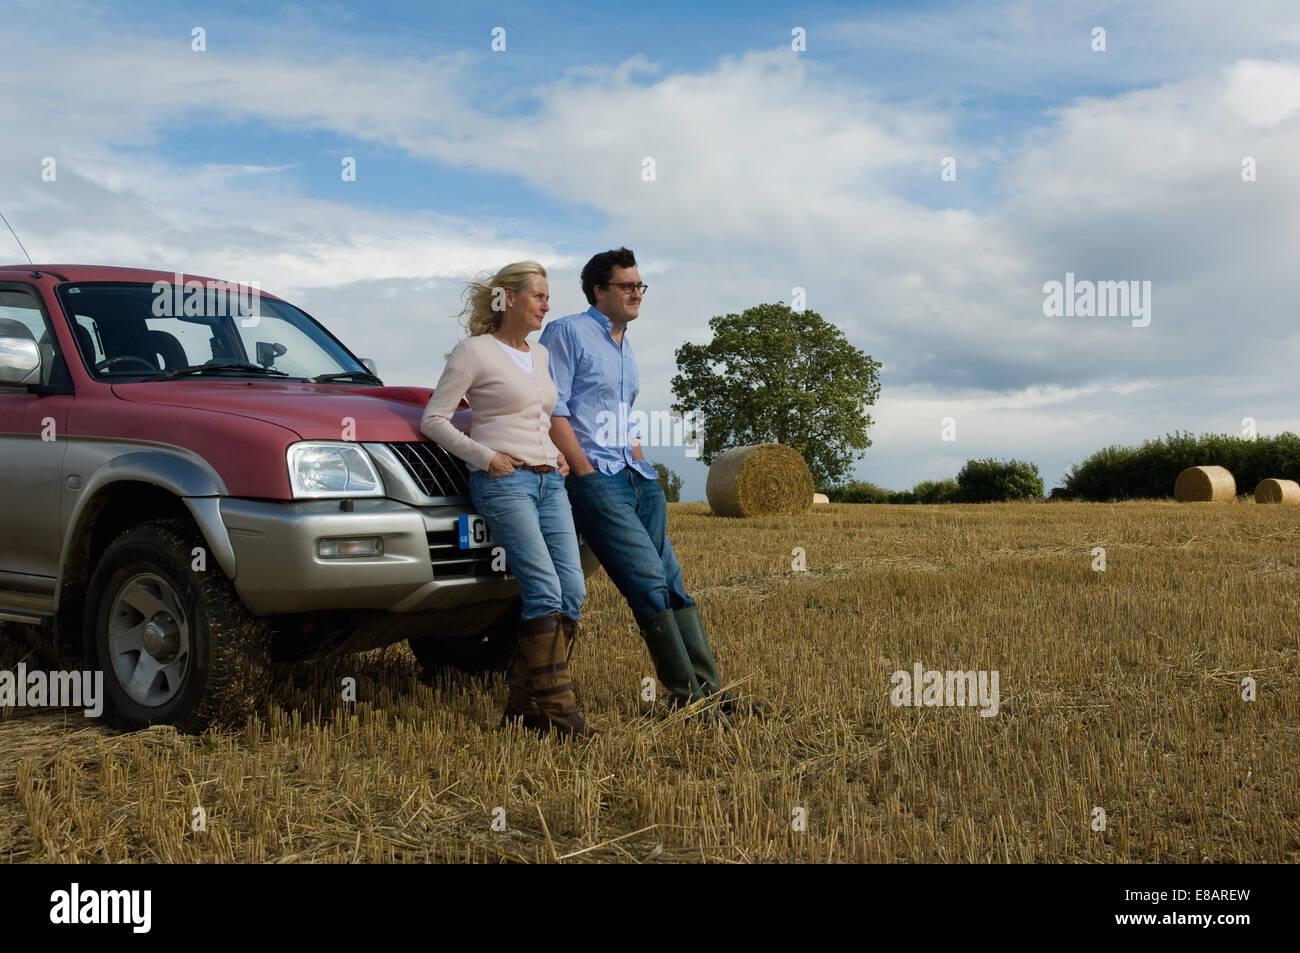 Mutter und Sohn lehnte sich gegen vier Rädern fahren in abgeernteten Feld Stockbild